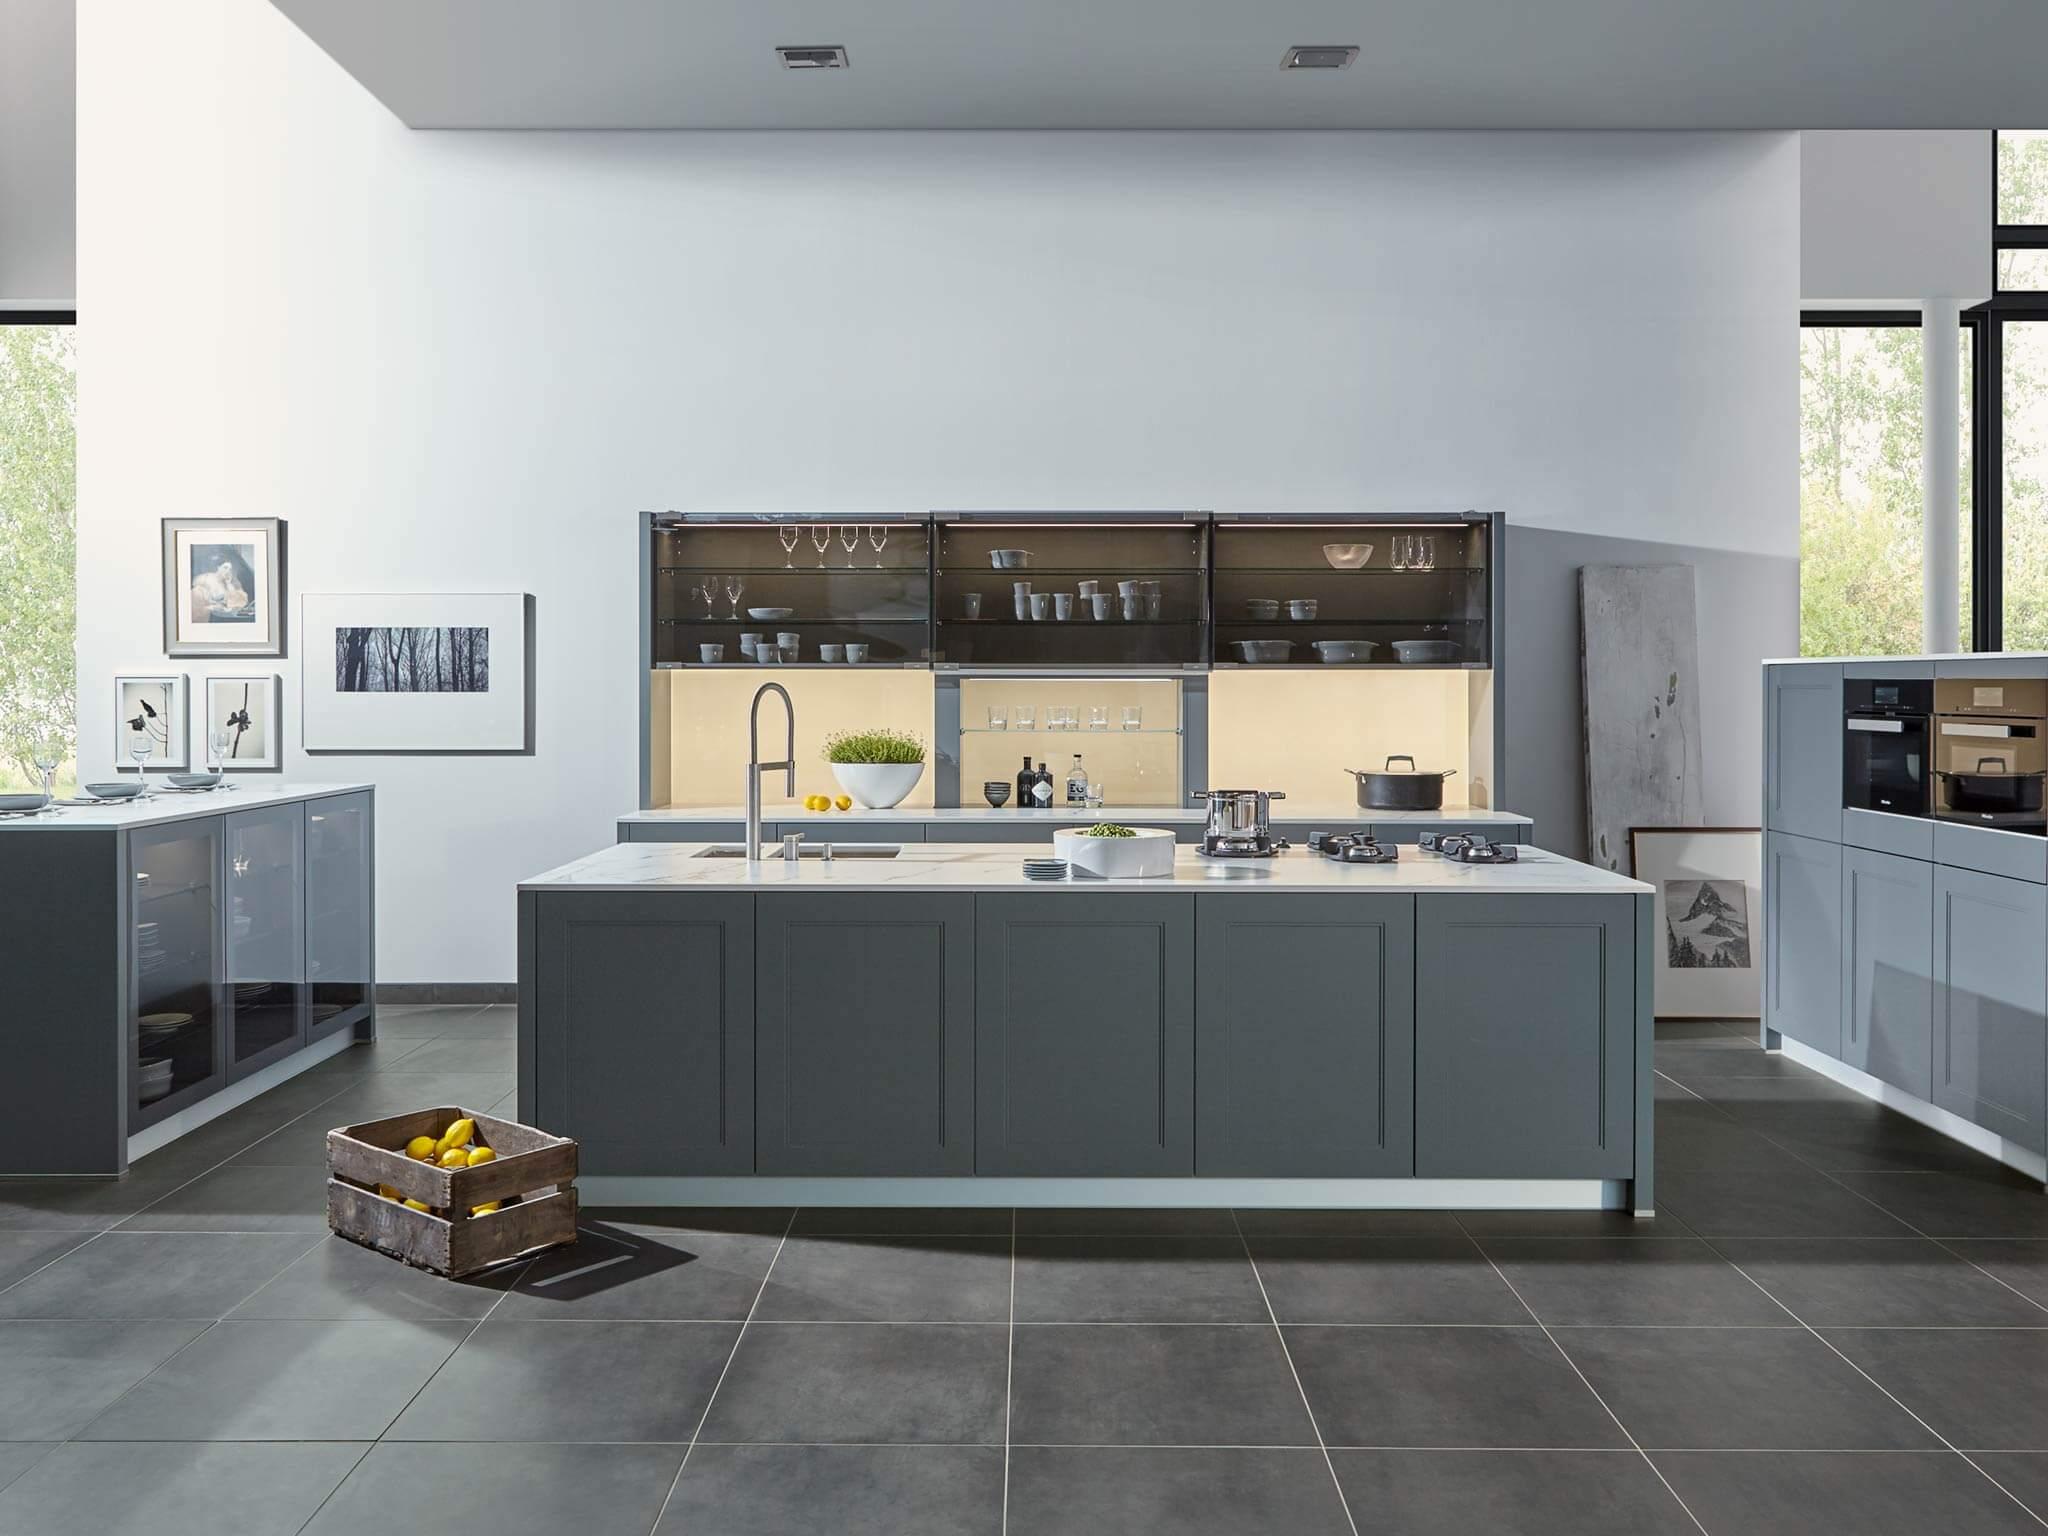 Zeyko Kuche Projekte Luxhaus Zeyko Kuchen Kuchen Pinterest Concrete